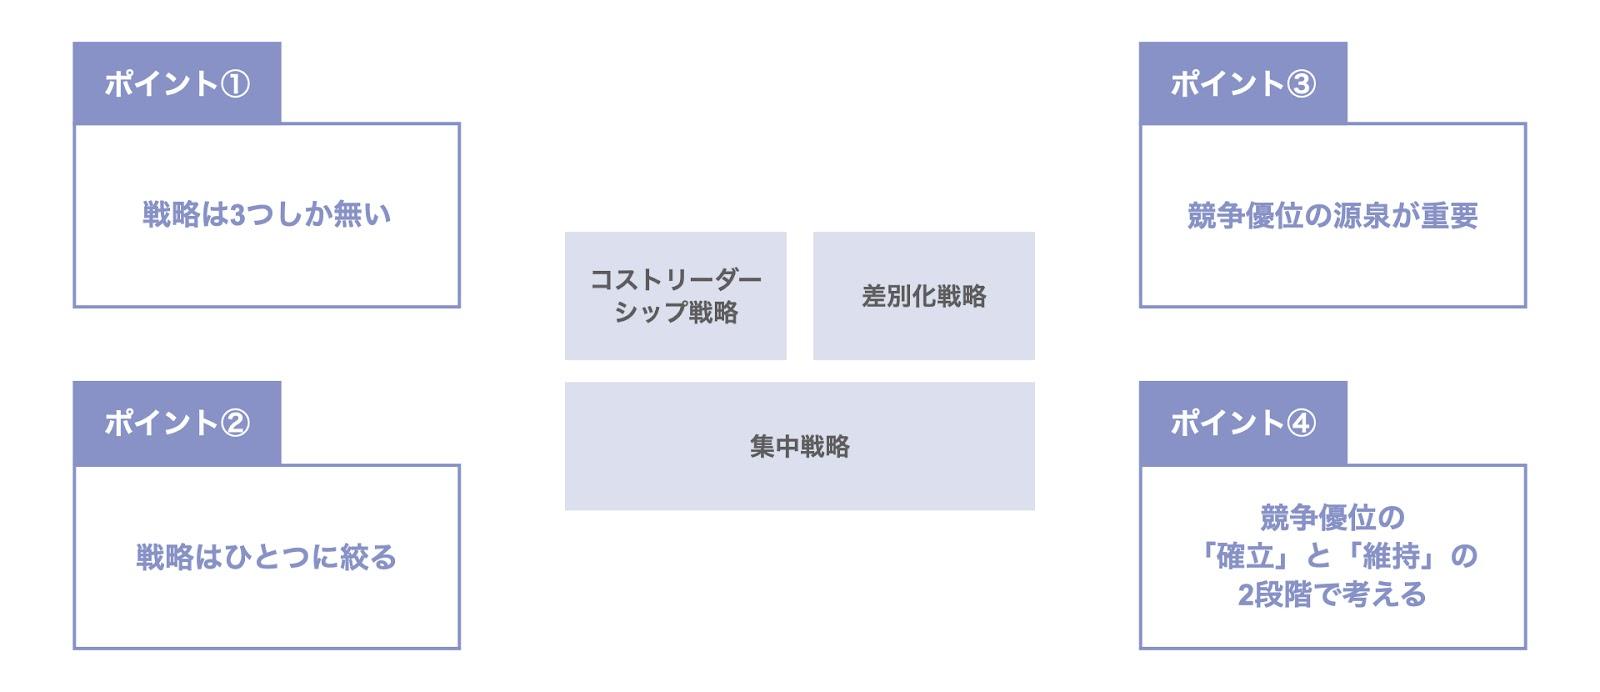 ポーターの3つの基本戦略の4つのポイント